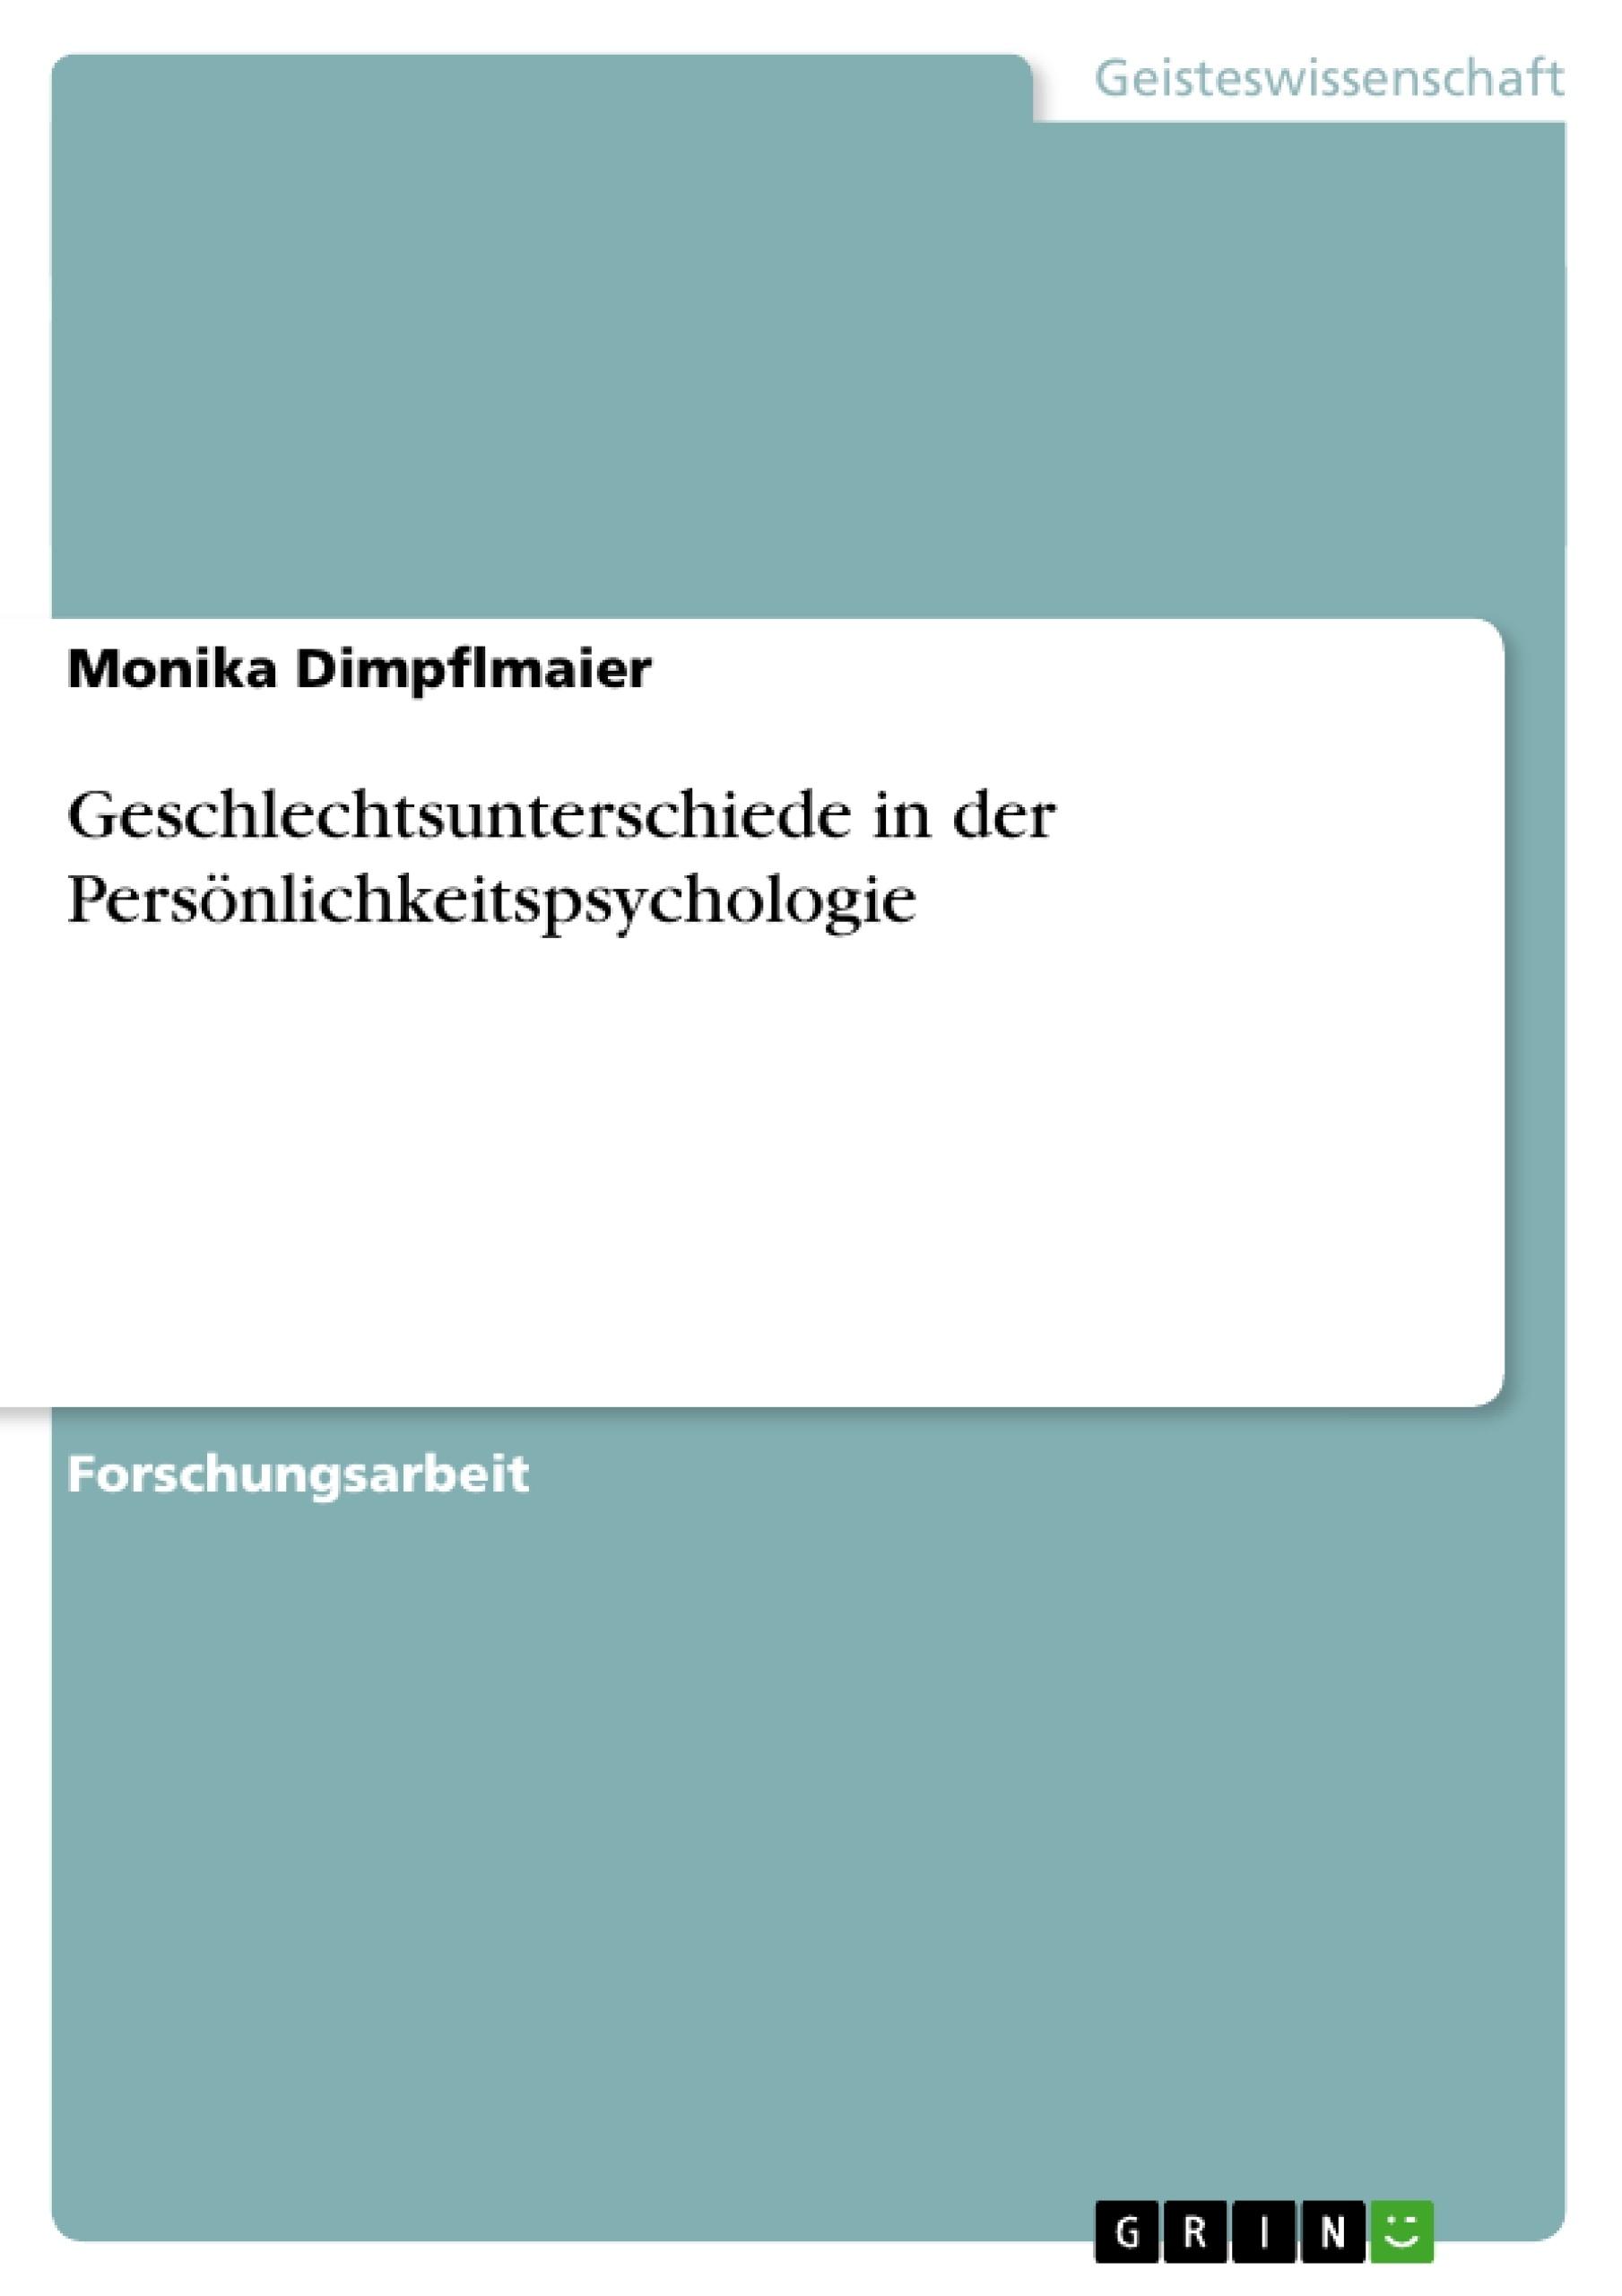 Titel: Geschlechtsunterschiede in der Persönlichkeitspsychologie